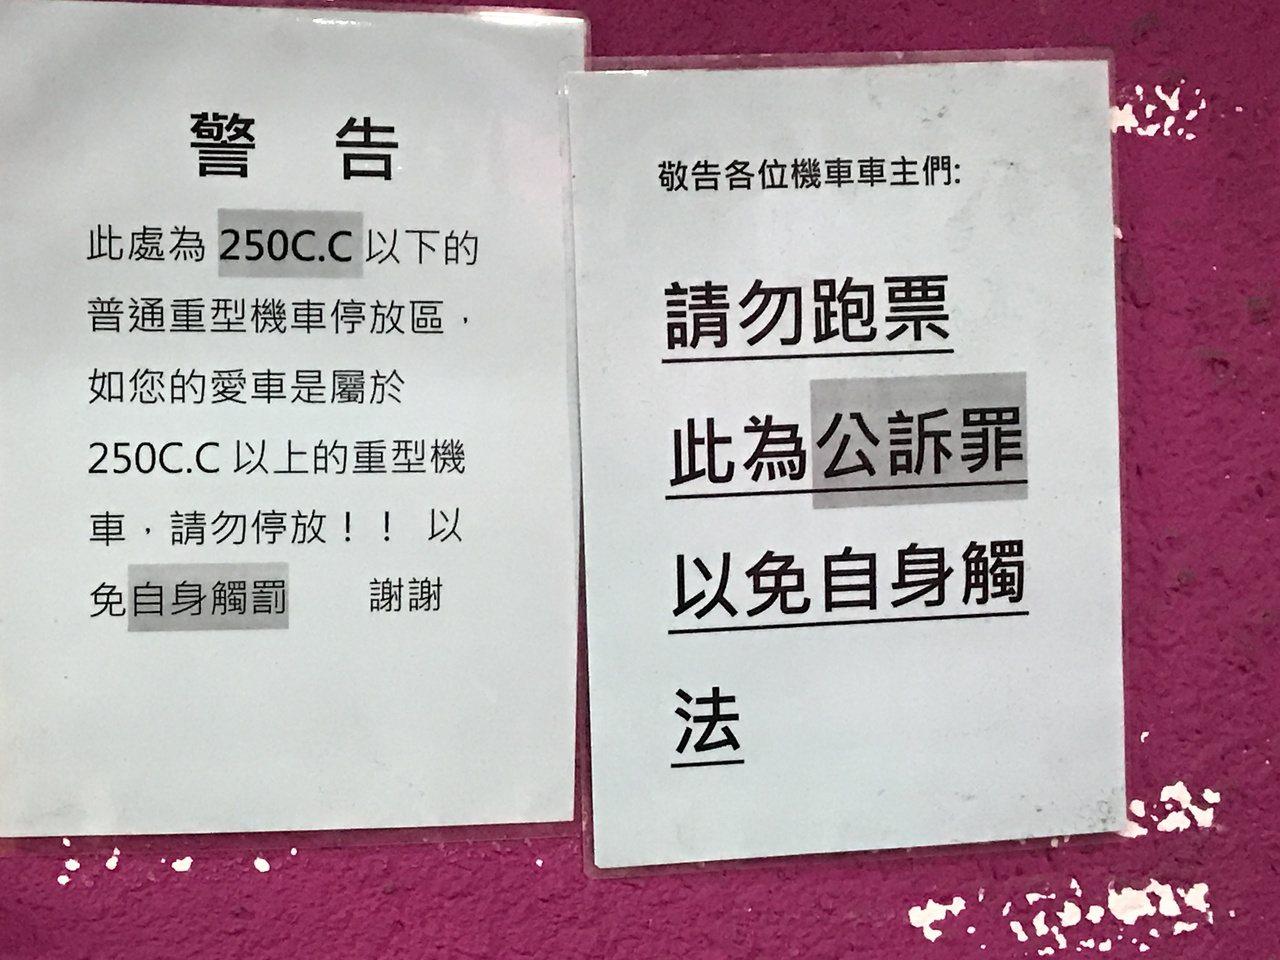 東岸停車場內貼有告示,提醒勿逃票,此為公訴罪,還是有人視若無睹。記者吳淑君/攝影